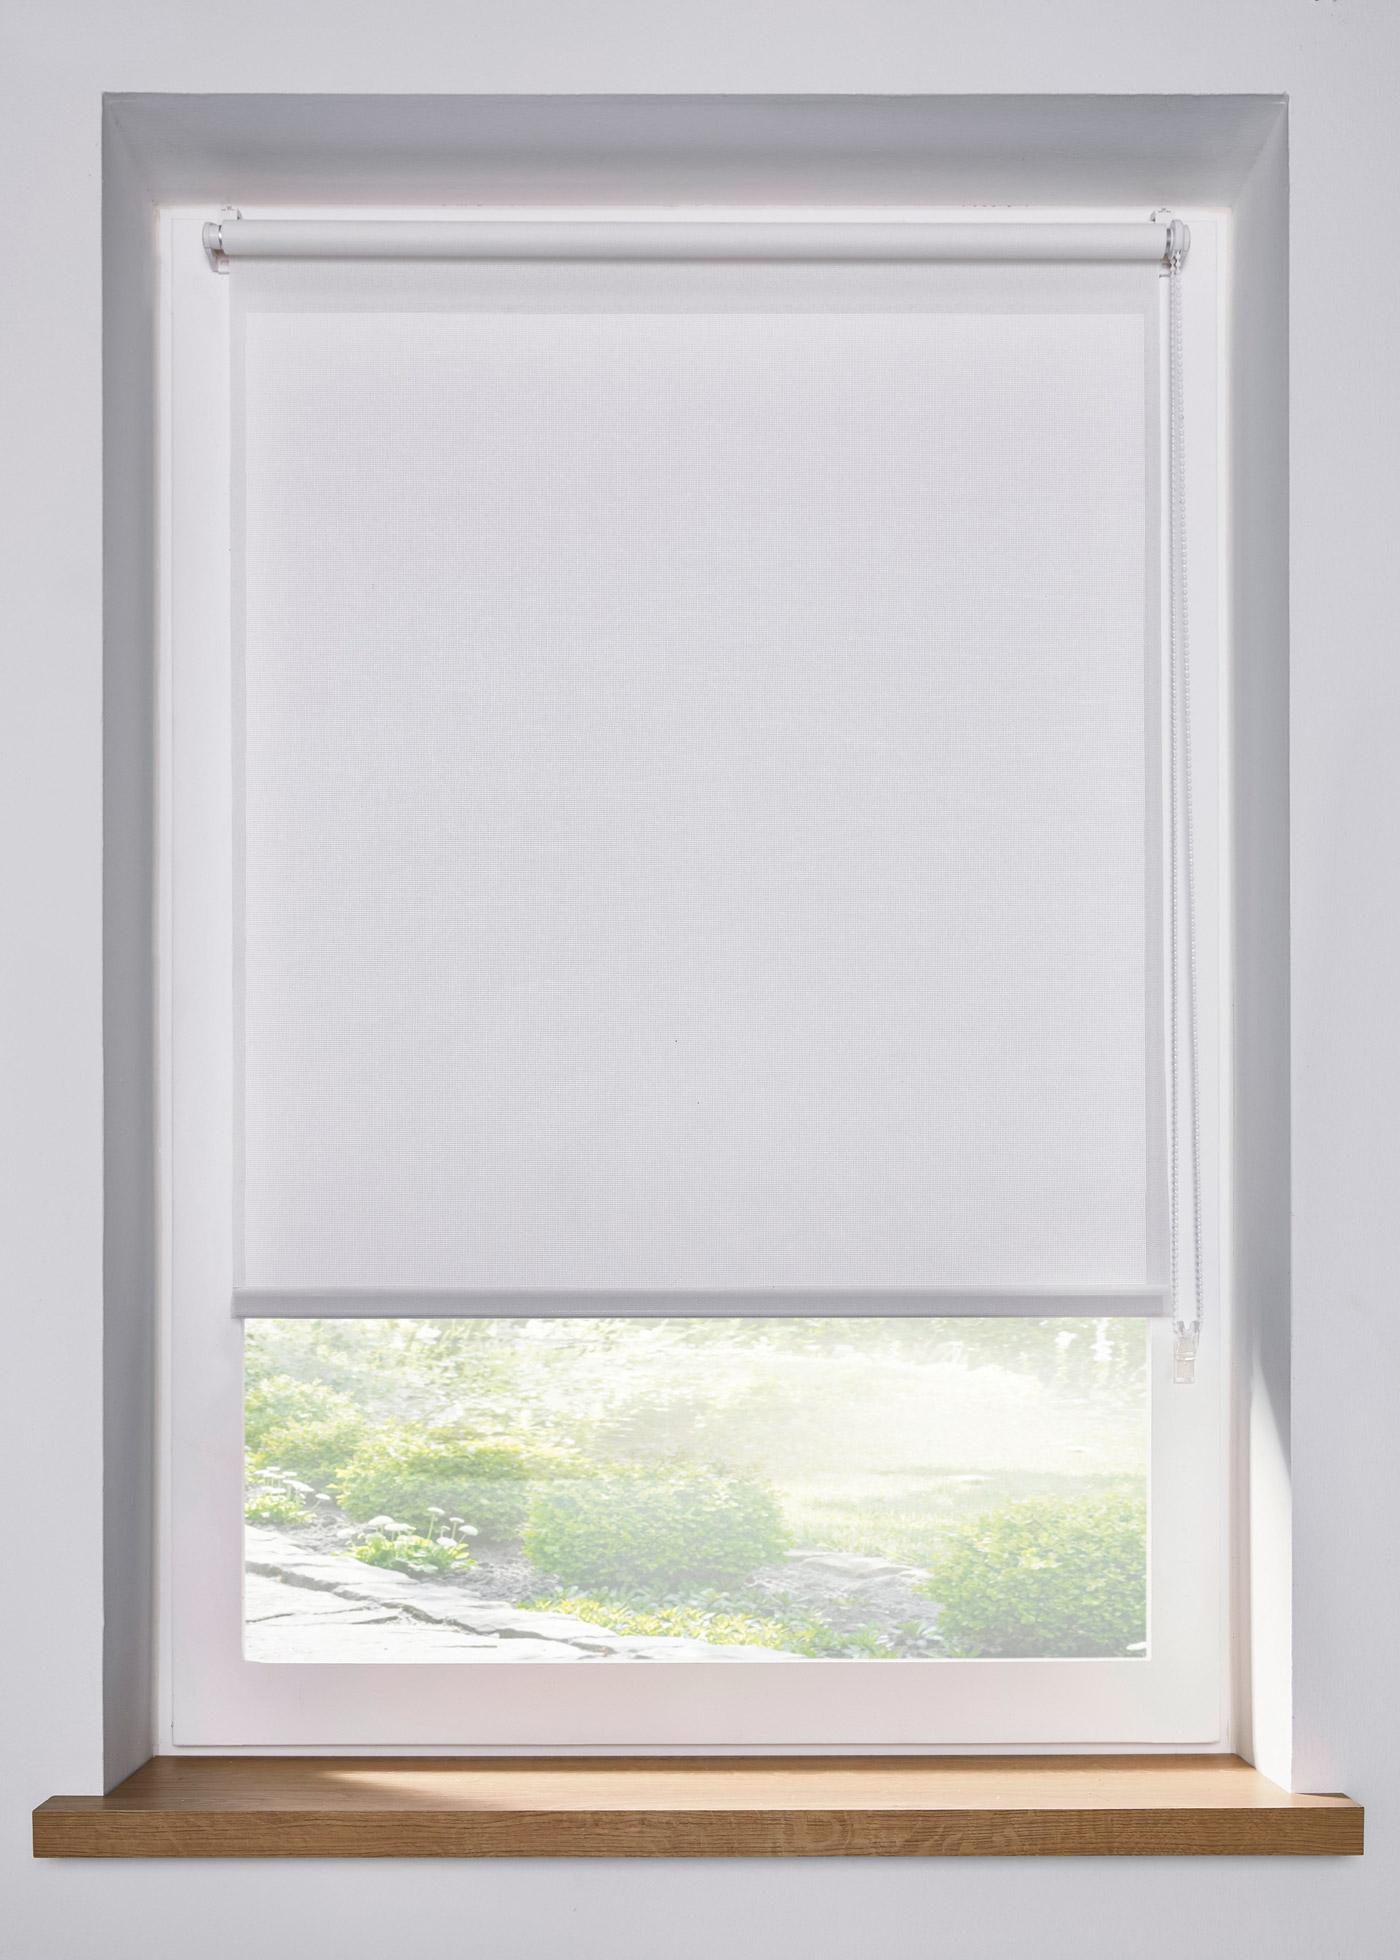 Blendschutz Seitenzugrollo einfarbig in weiß von bonprix